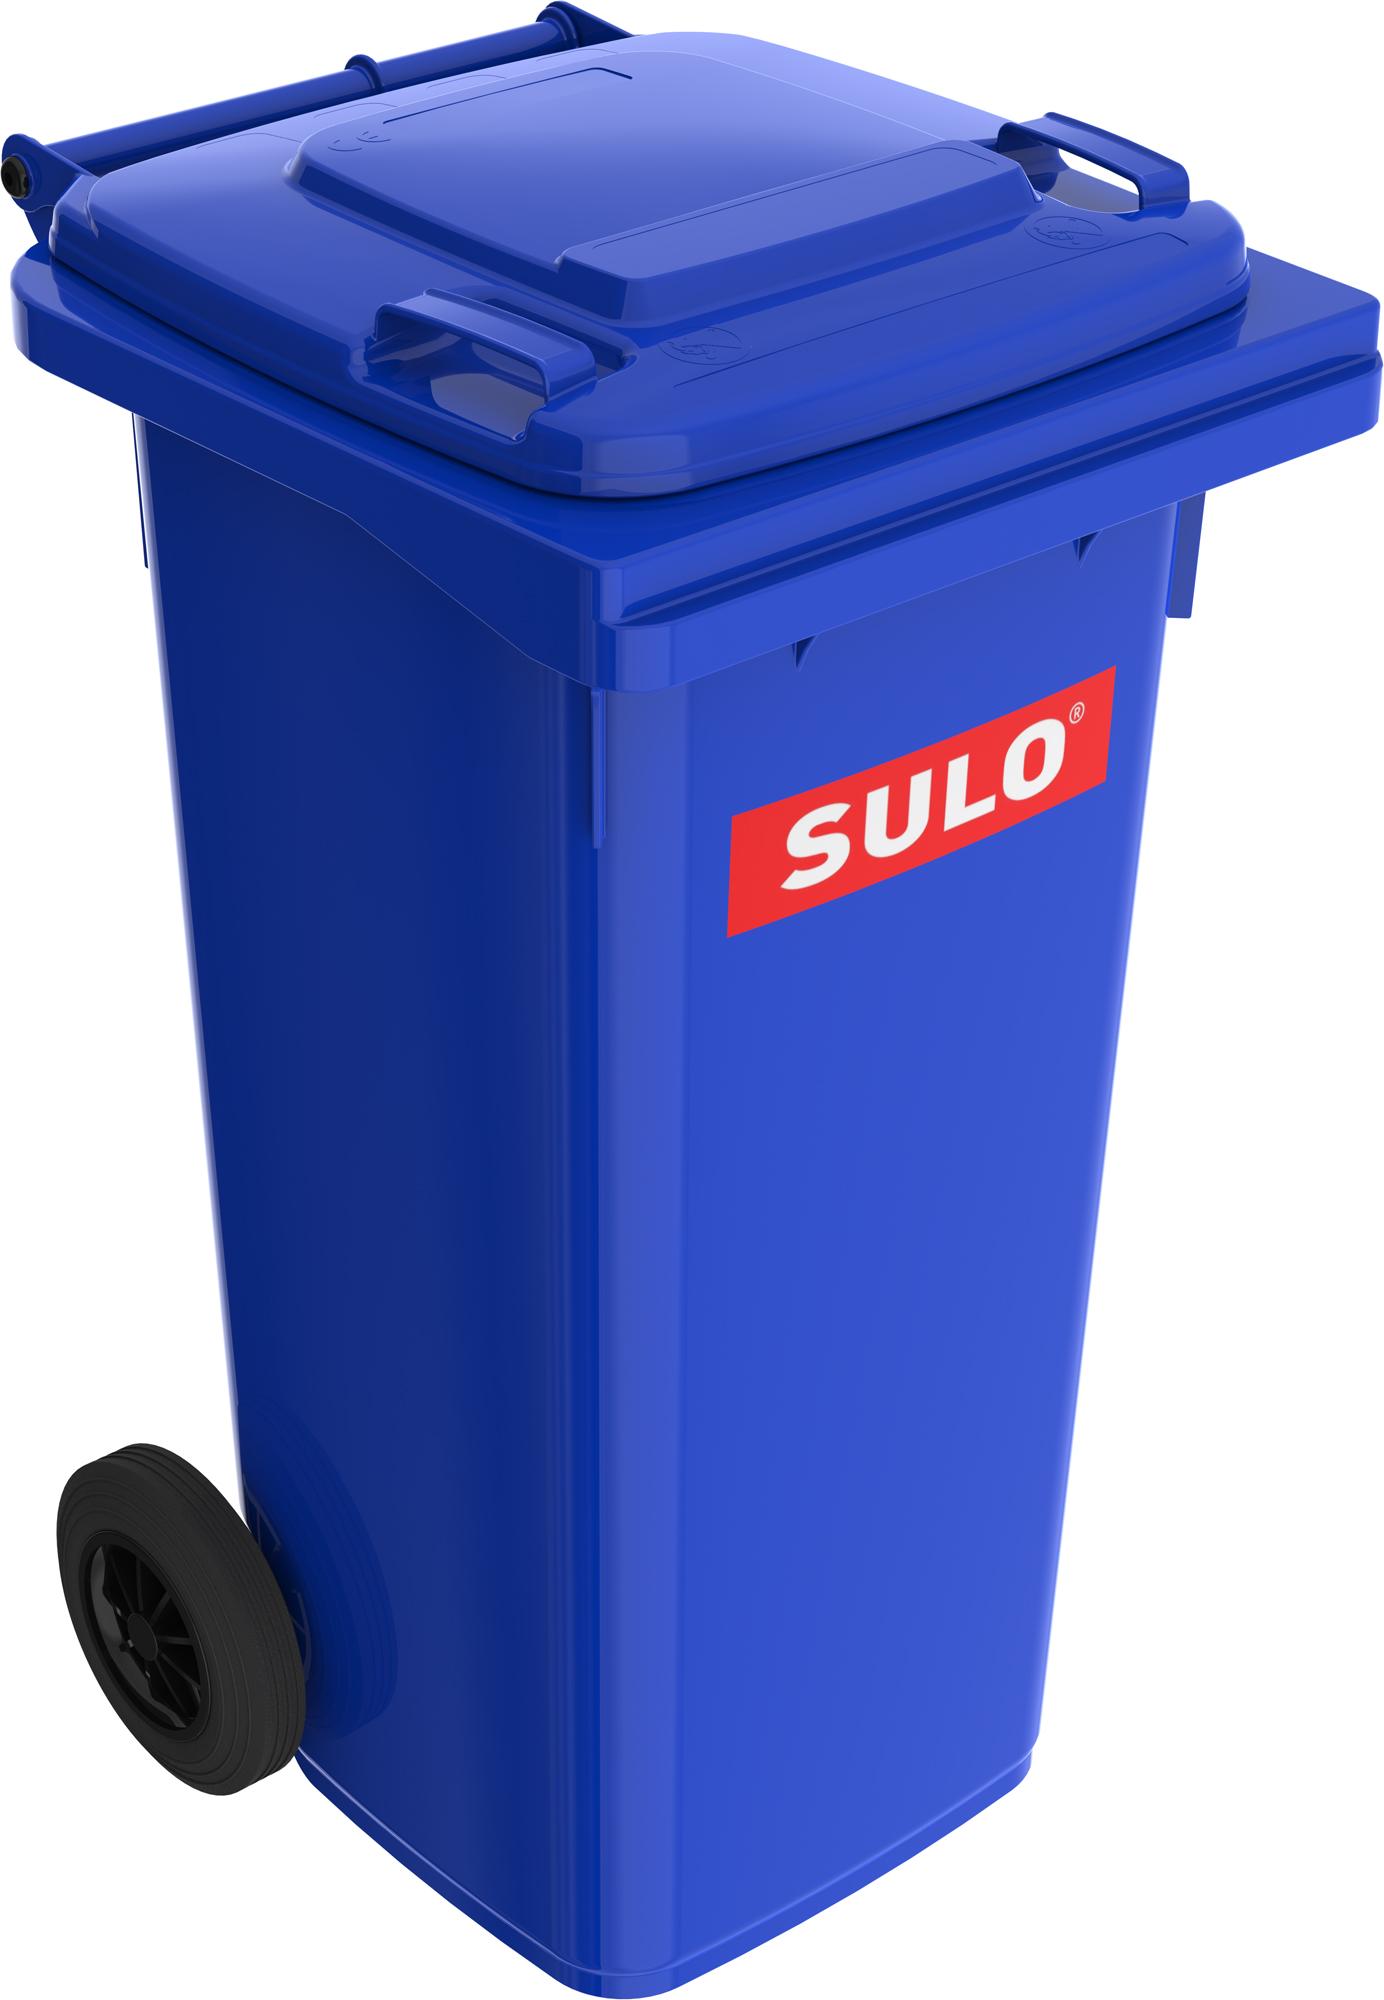 Europubela Din Material Plastic 240 L Culoare Albastra Mevatec - Transport Inclus 2021 sanito.ro